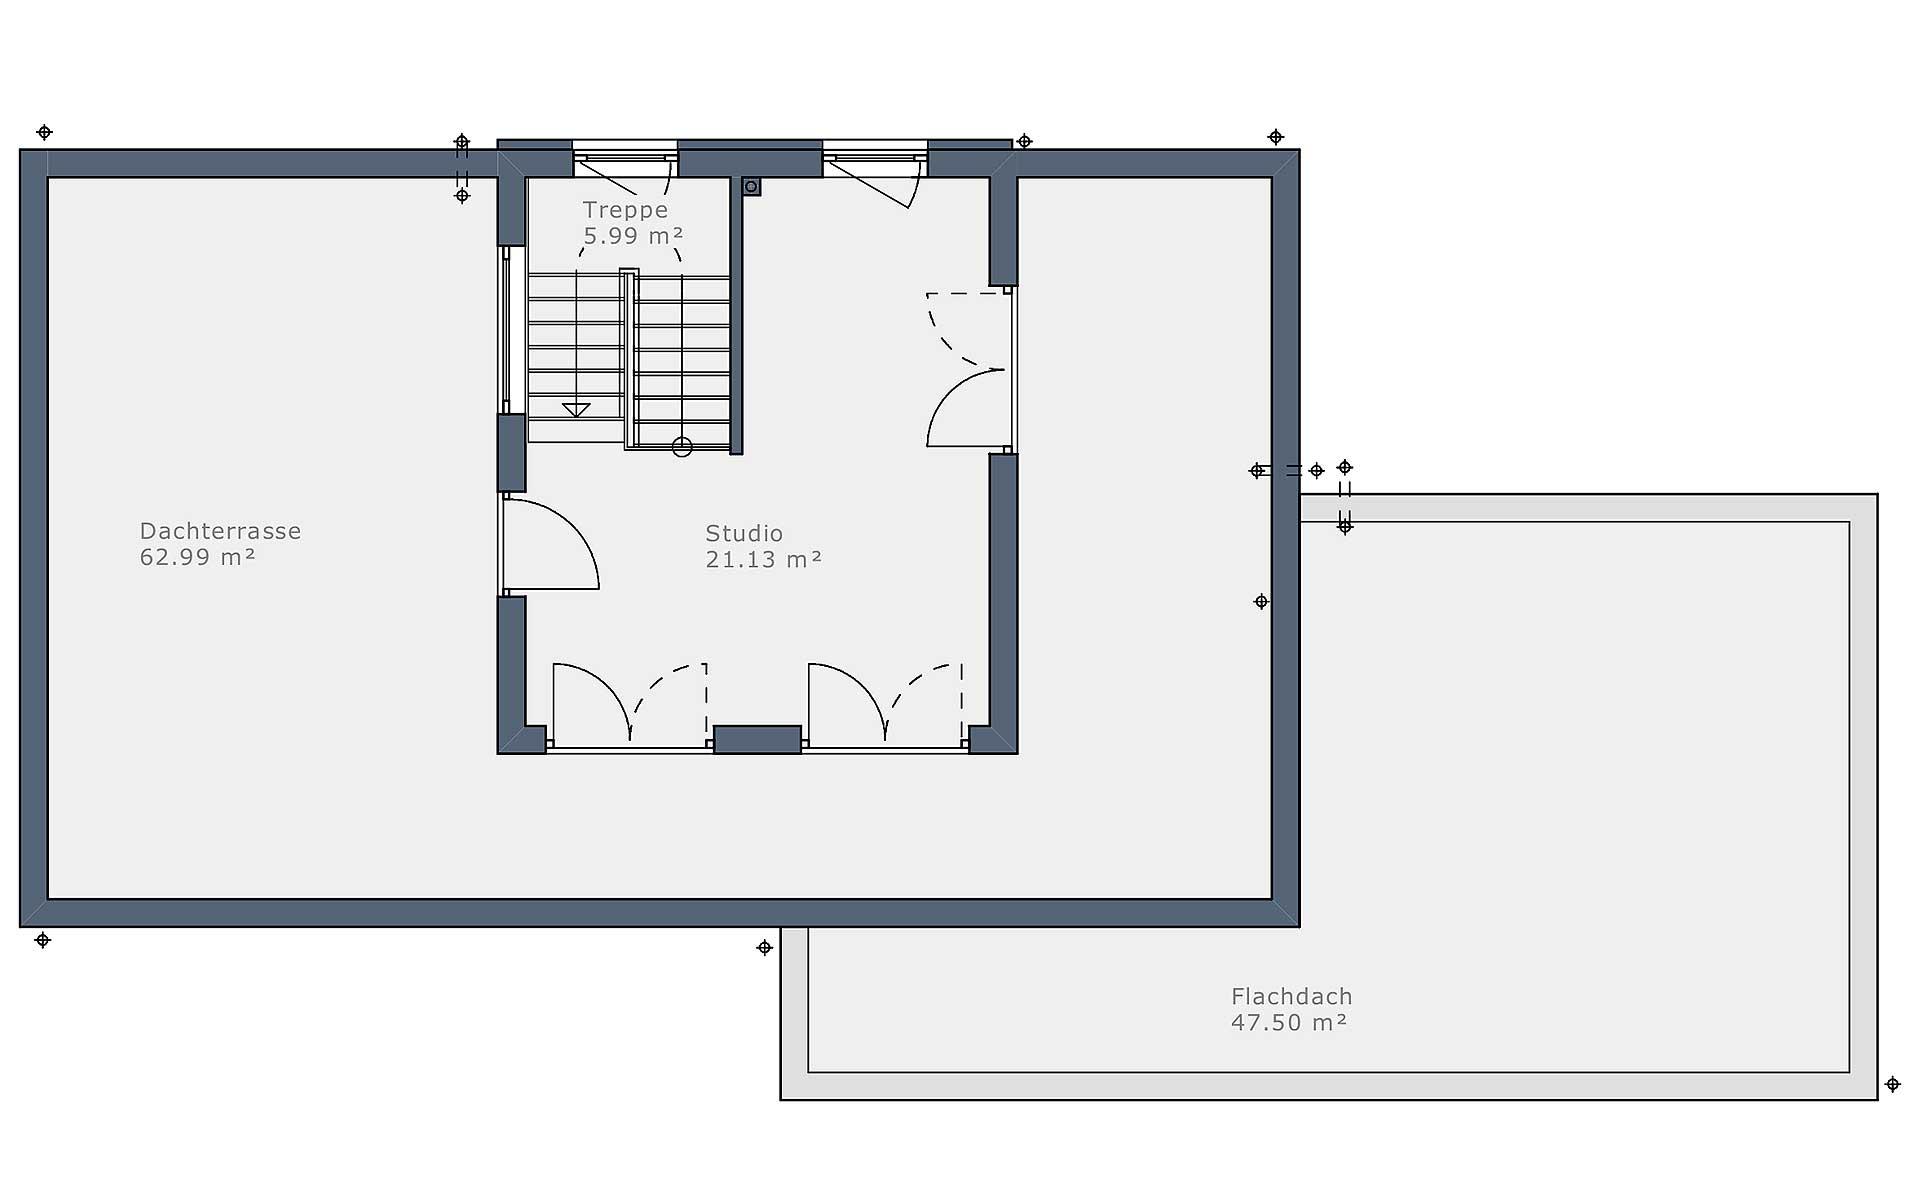 Obergeschoss Solitaire-B-90 E5 von Schwabenhaus GmbH & Co. KG